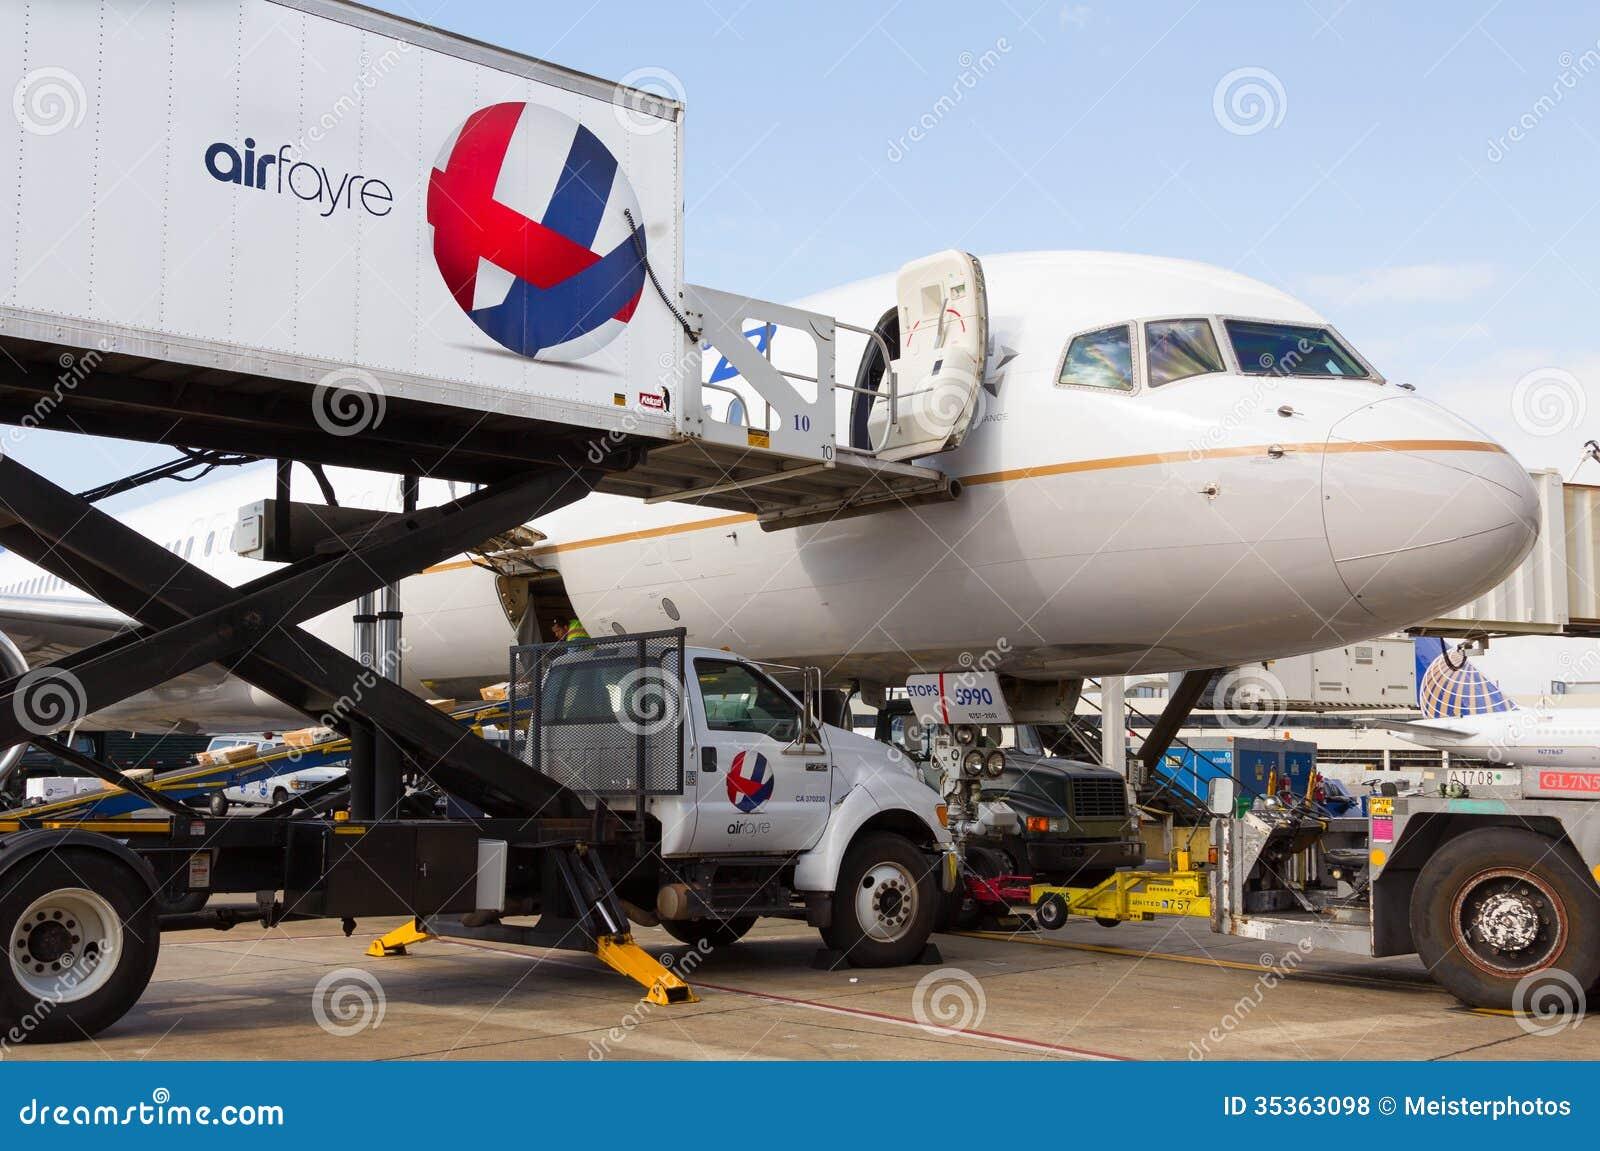 AirFayre die United Airlines verzorgen